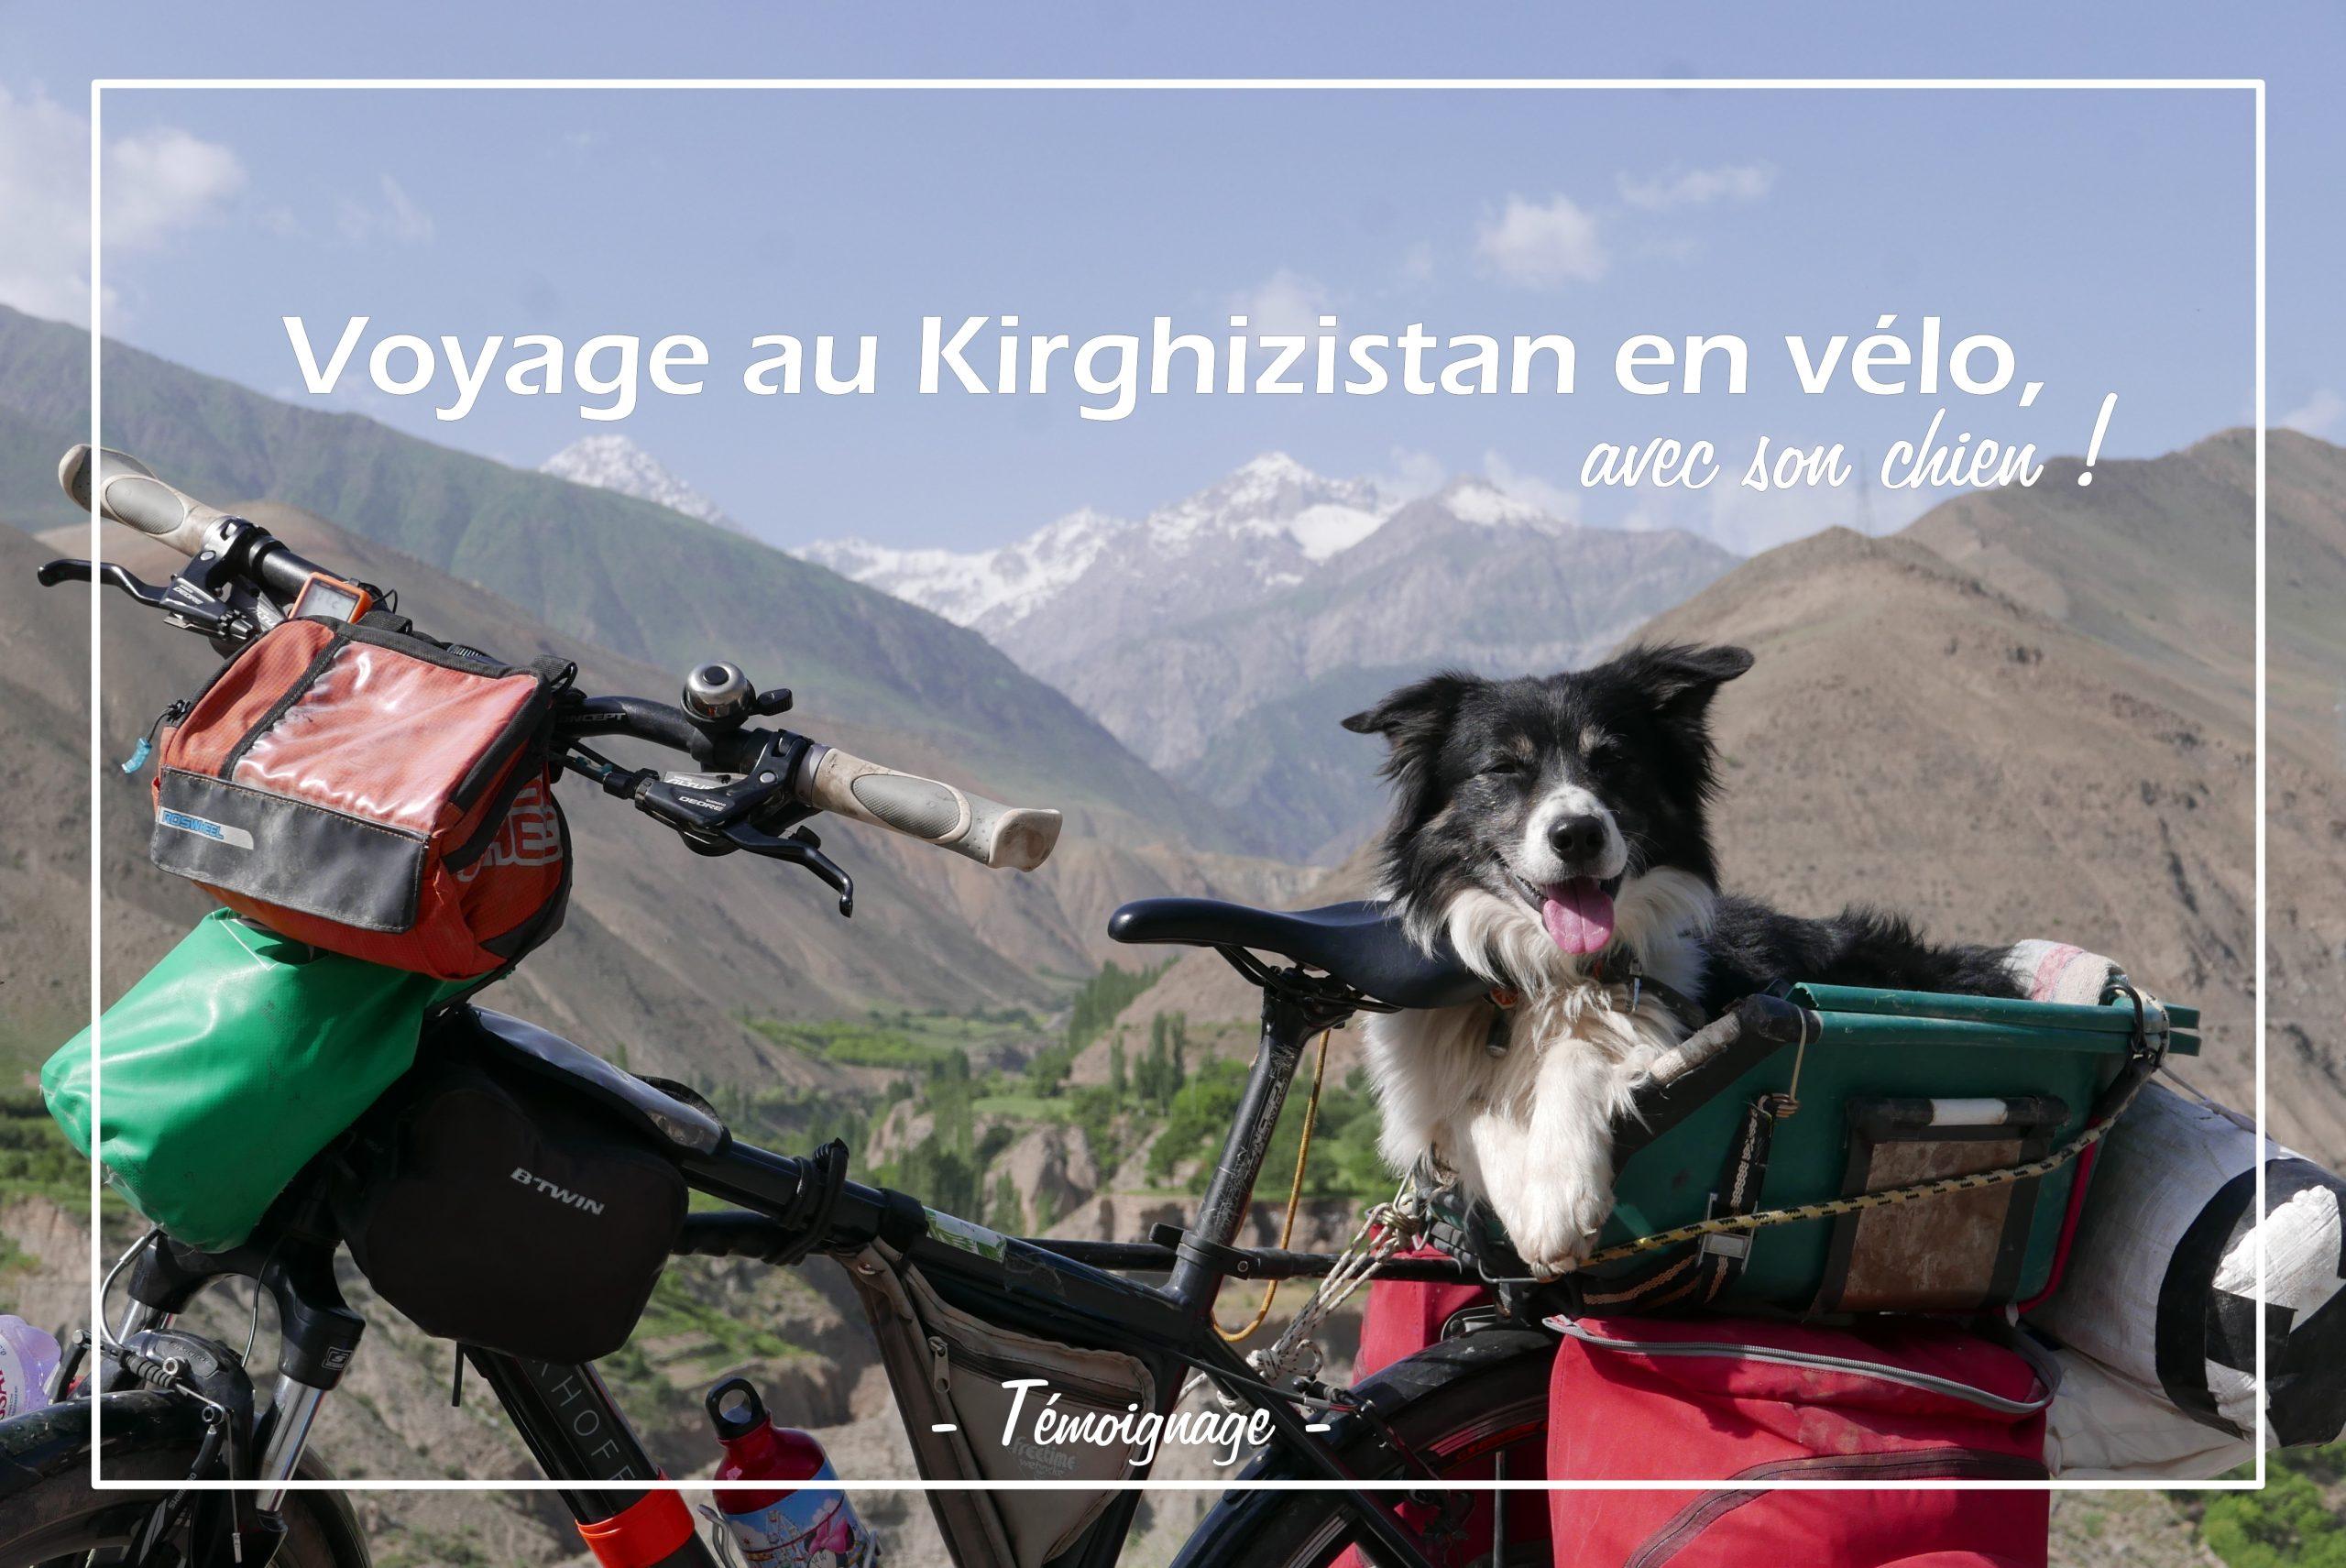 Voyage Au Kirghizistan En Vélo, Avec Son Chien! à Chien Qui Fait De La Luge